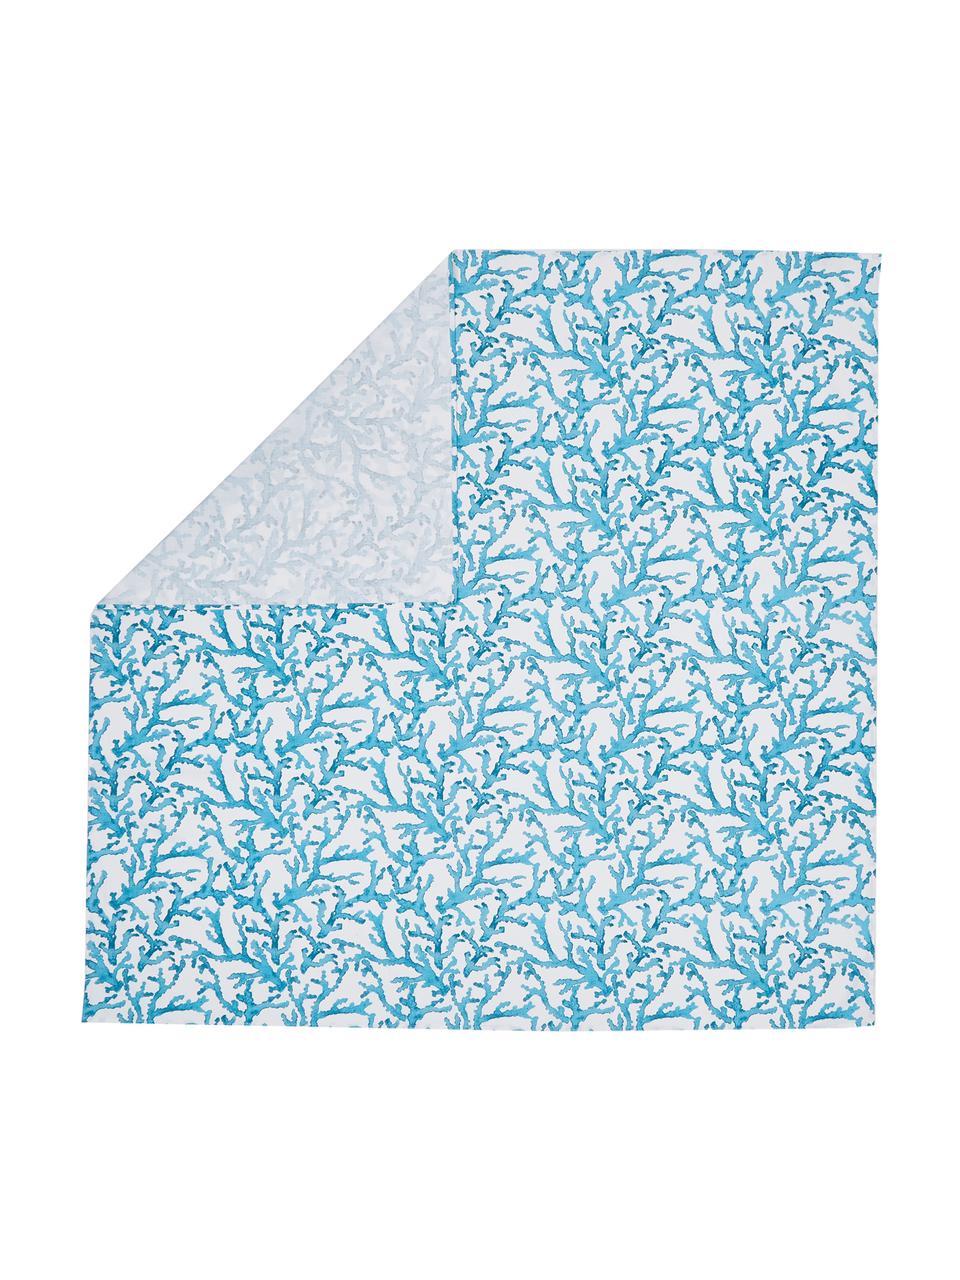 Katoenen tafelkleed Estran met koraalprint, Katoen, Blauw, wit, Voor 4 - 6 personen (B 160 x L 160 cm)